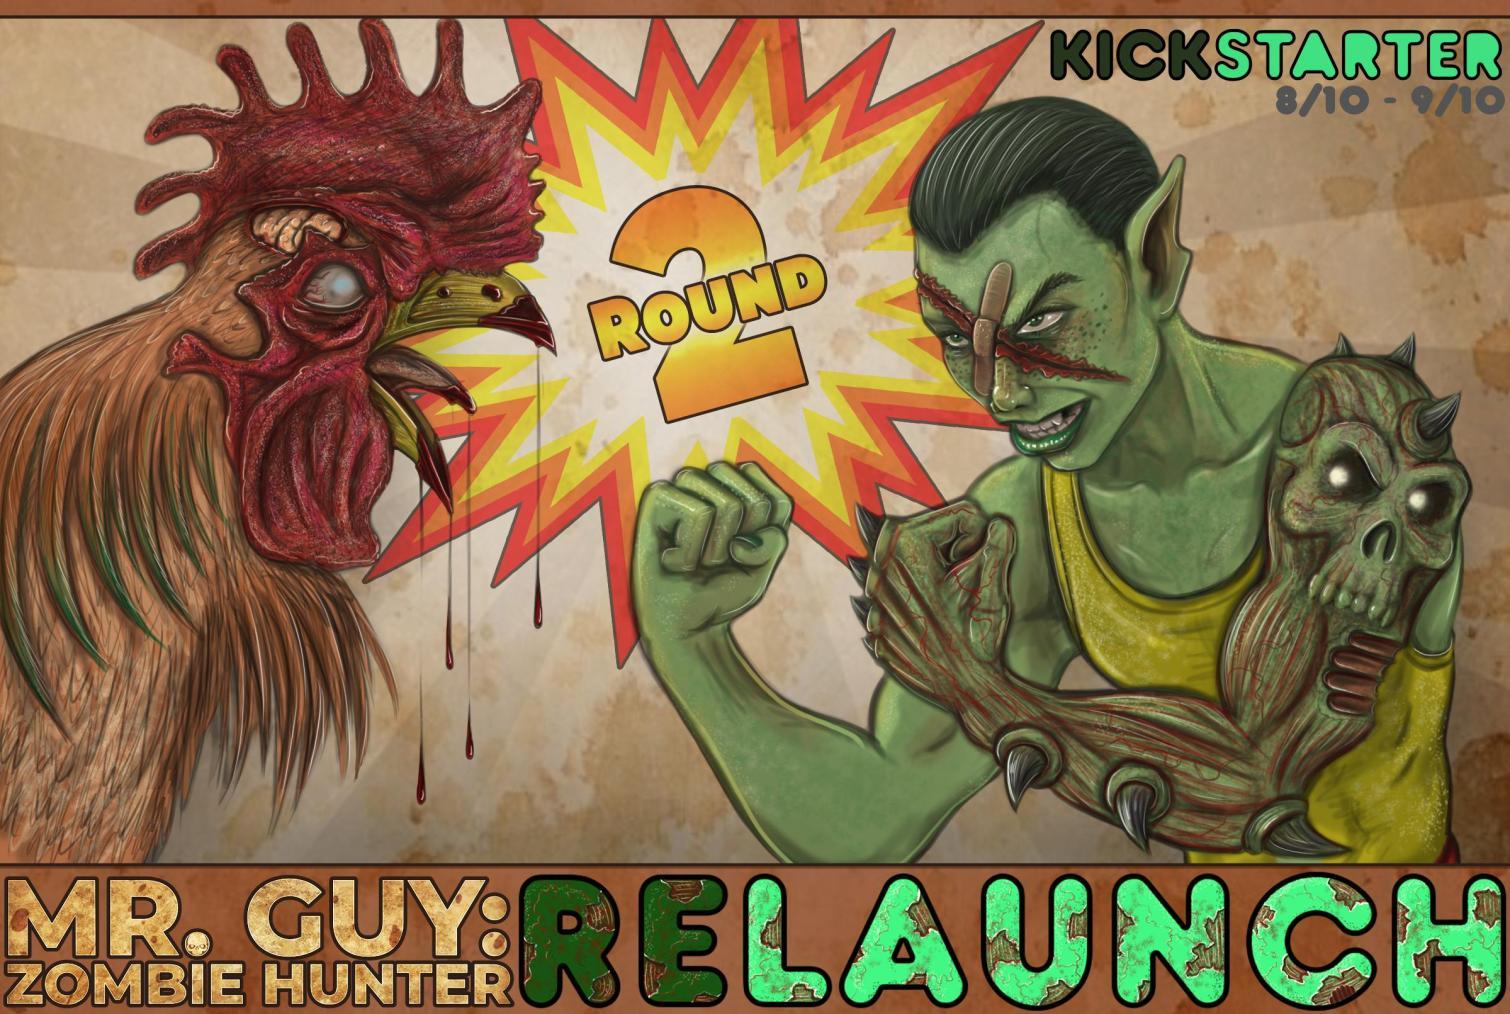 Mr. Guy: Zombie Hunter Round 2 ReLaunch!